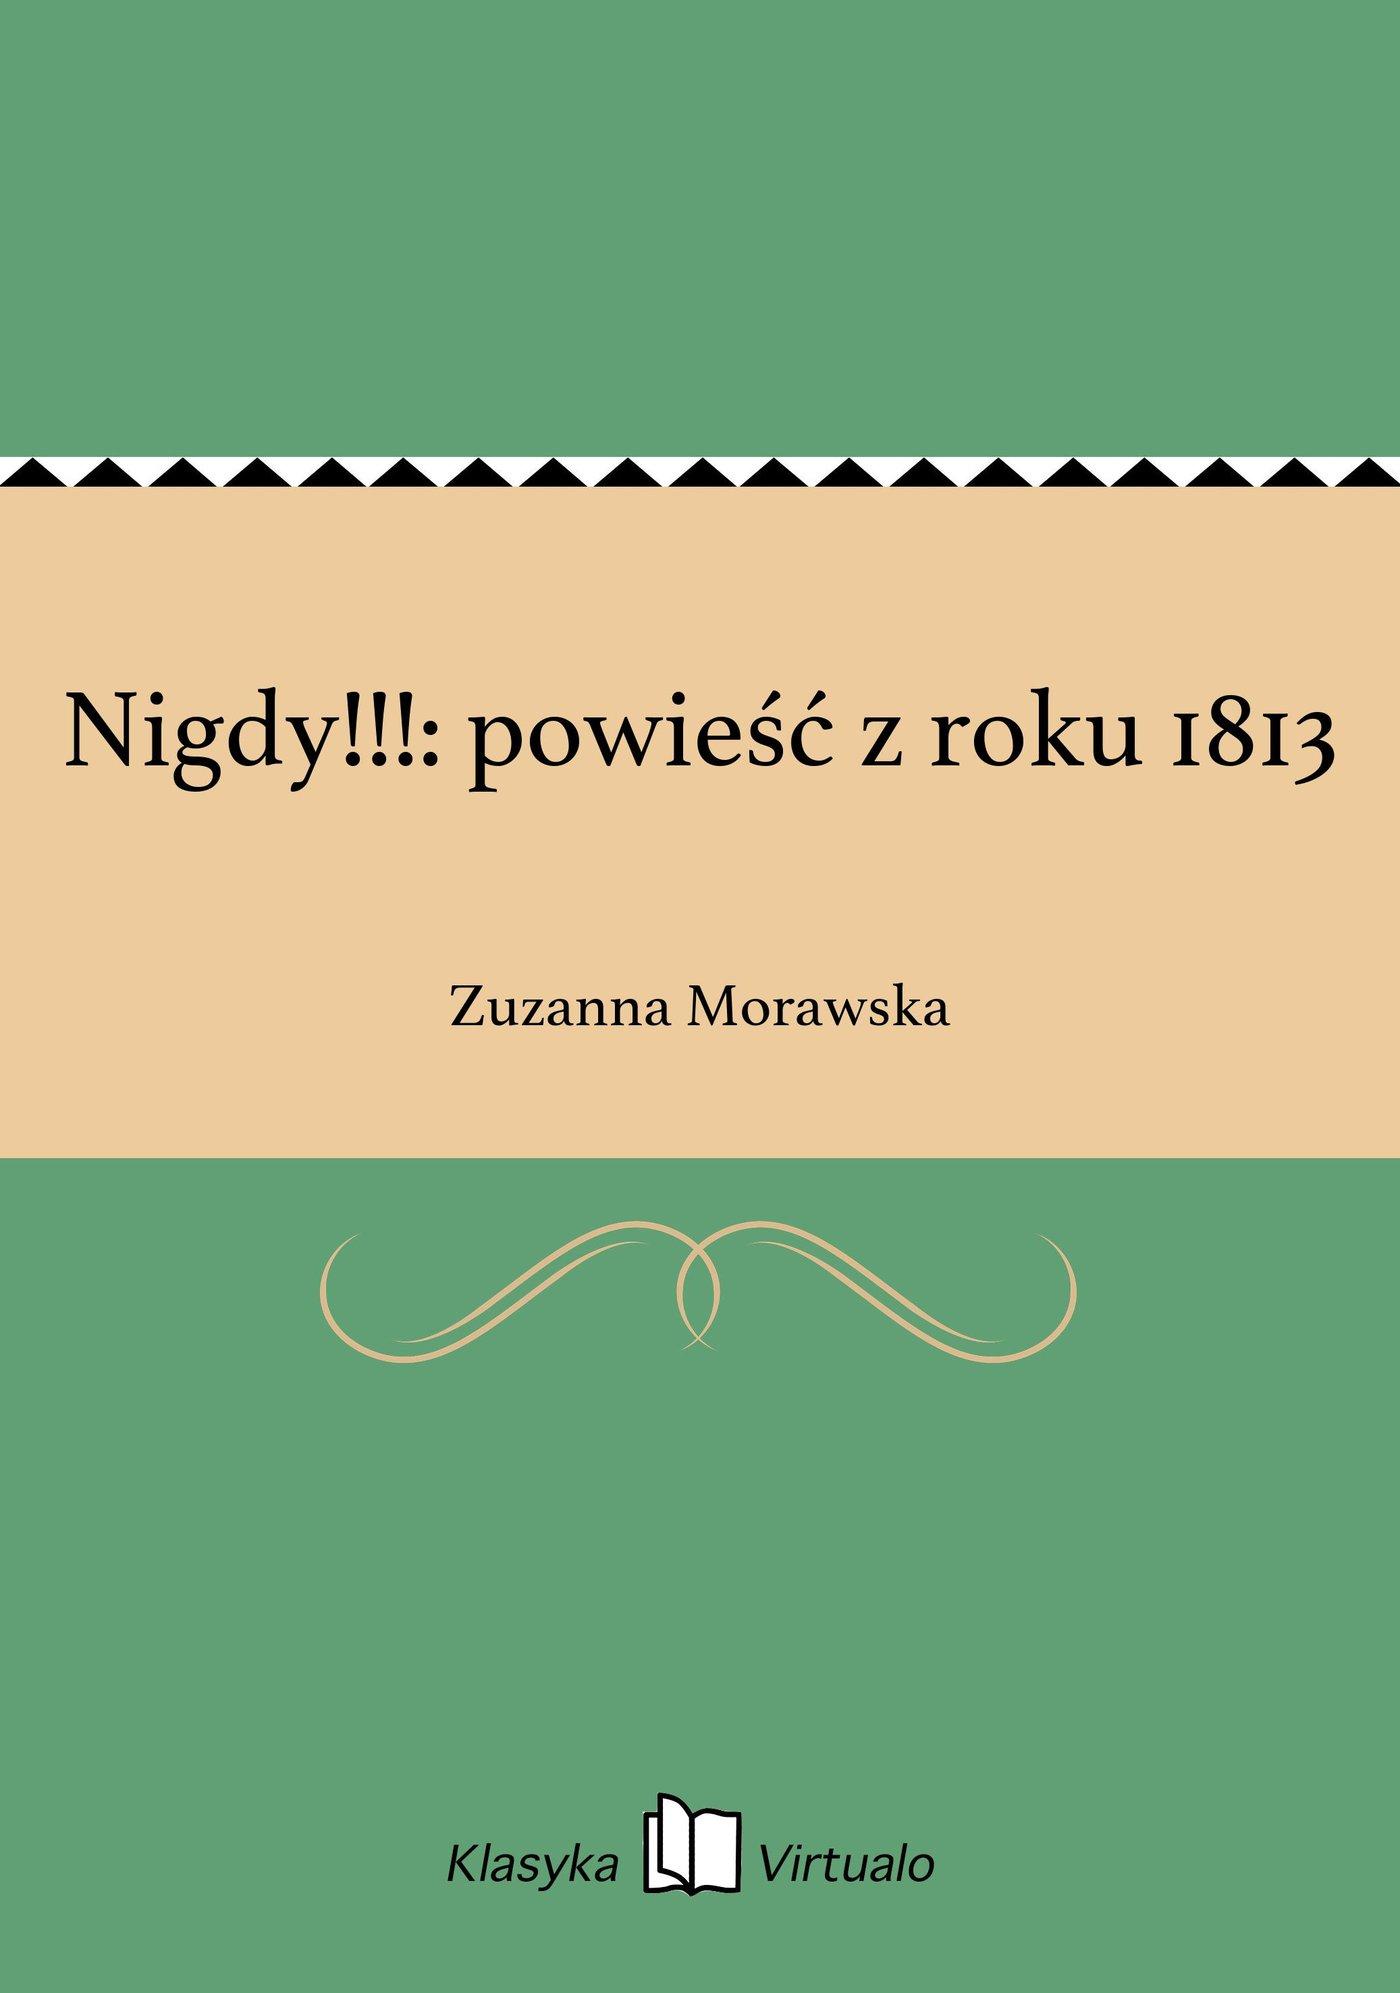 Nigdy!!!: powieść z roku 1813 - Ebook (Książka na Kindle) do pobrania w formacie MOBI